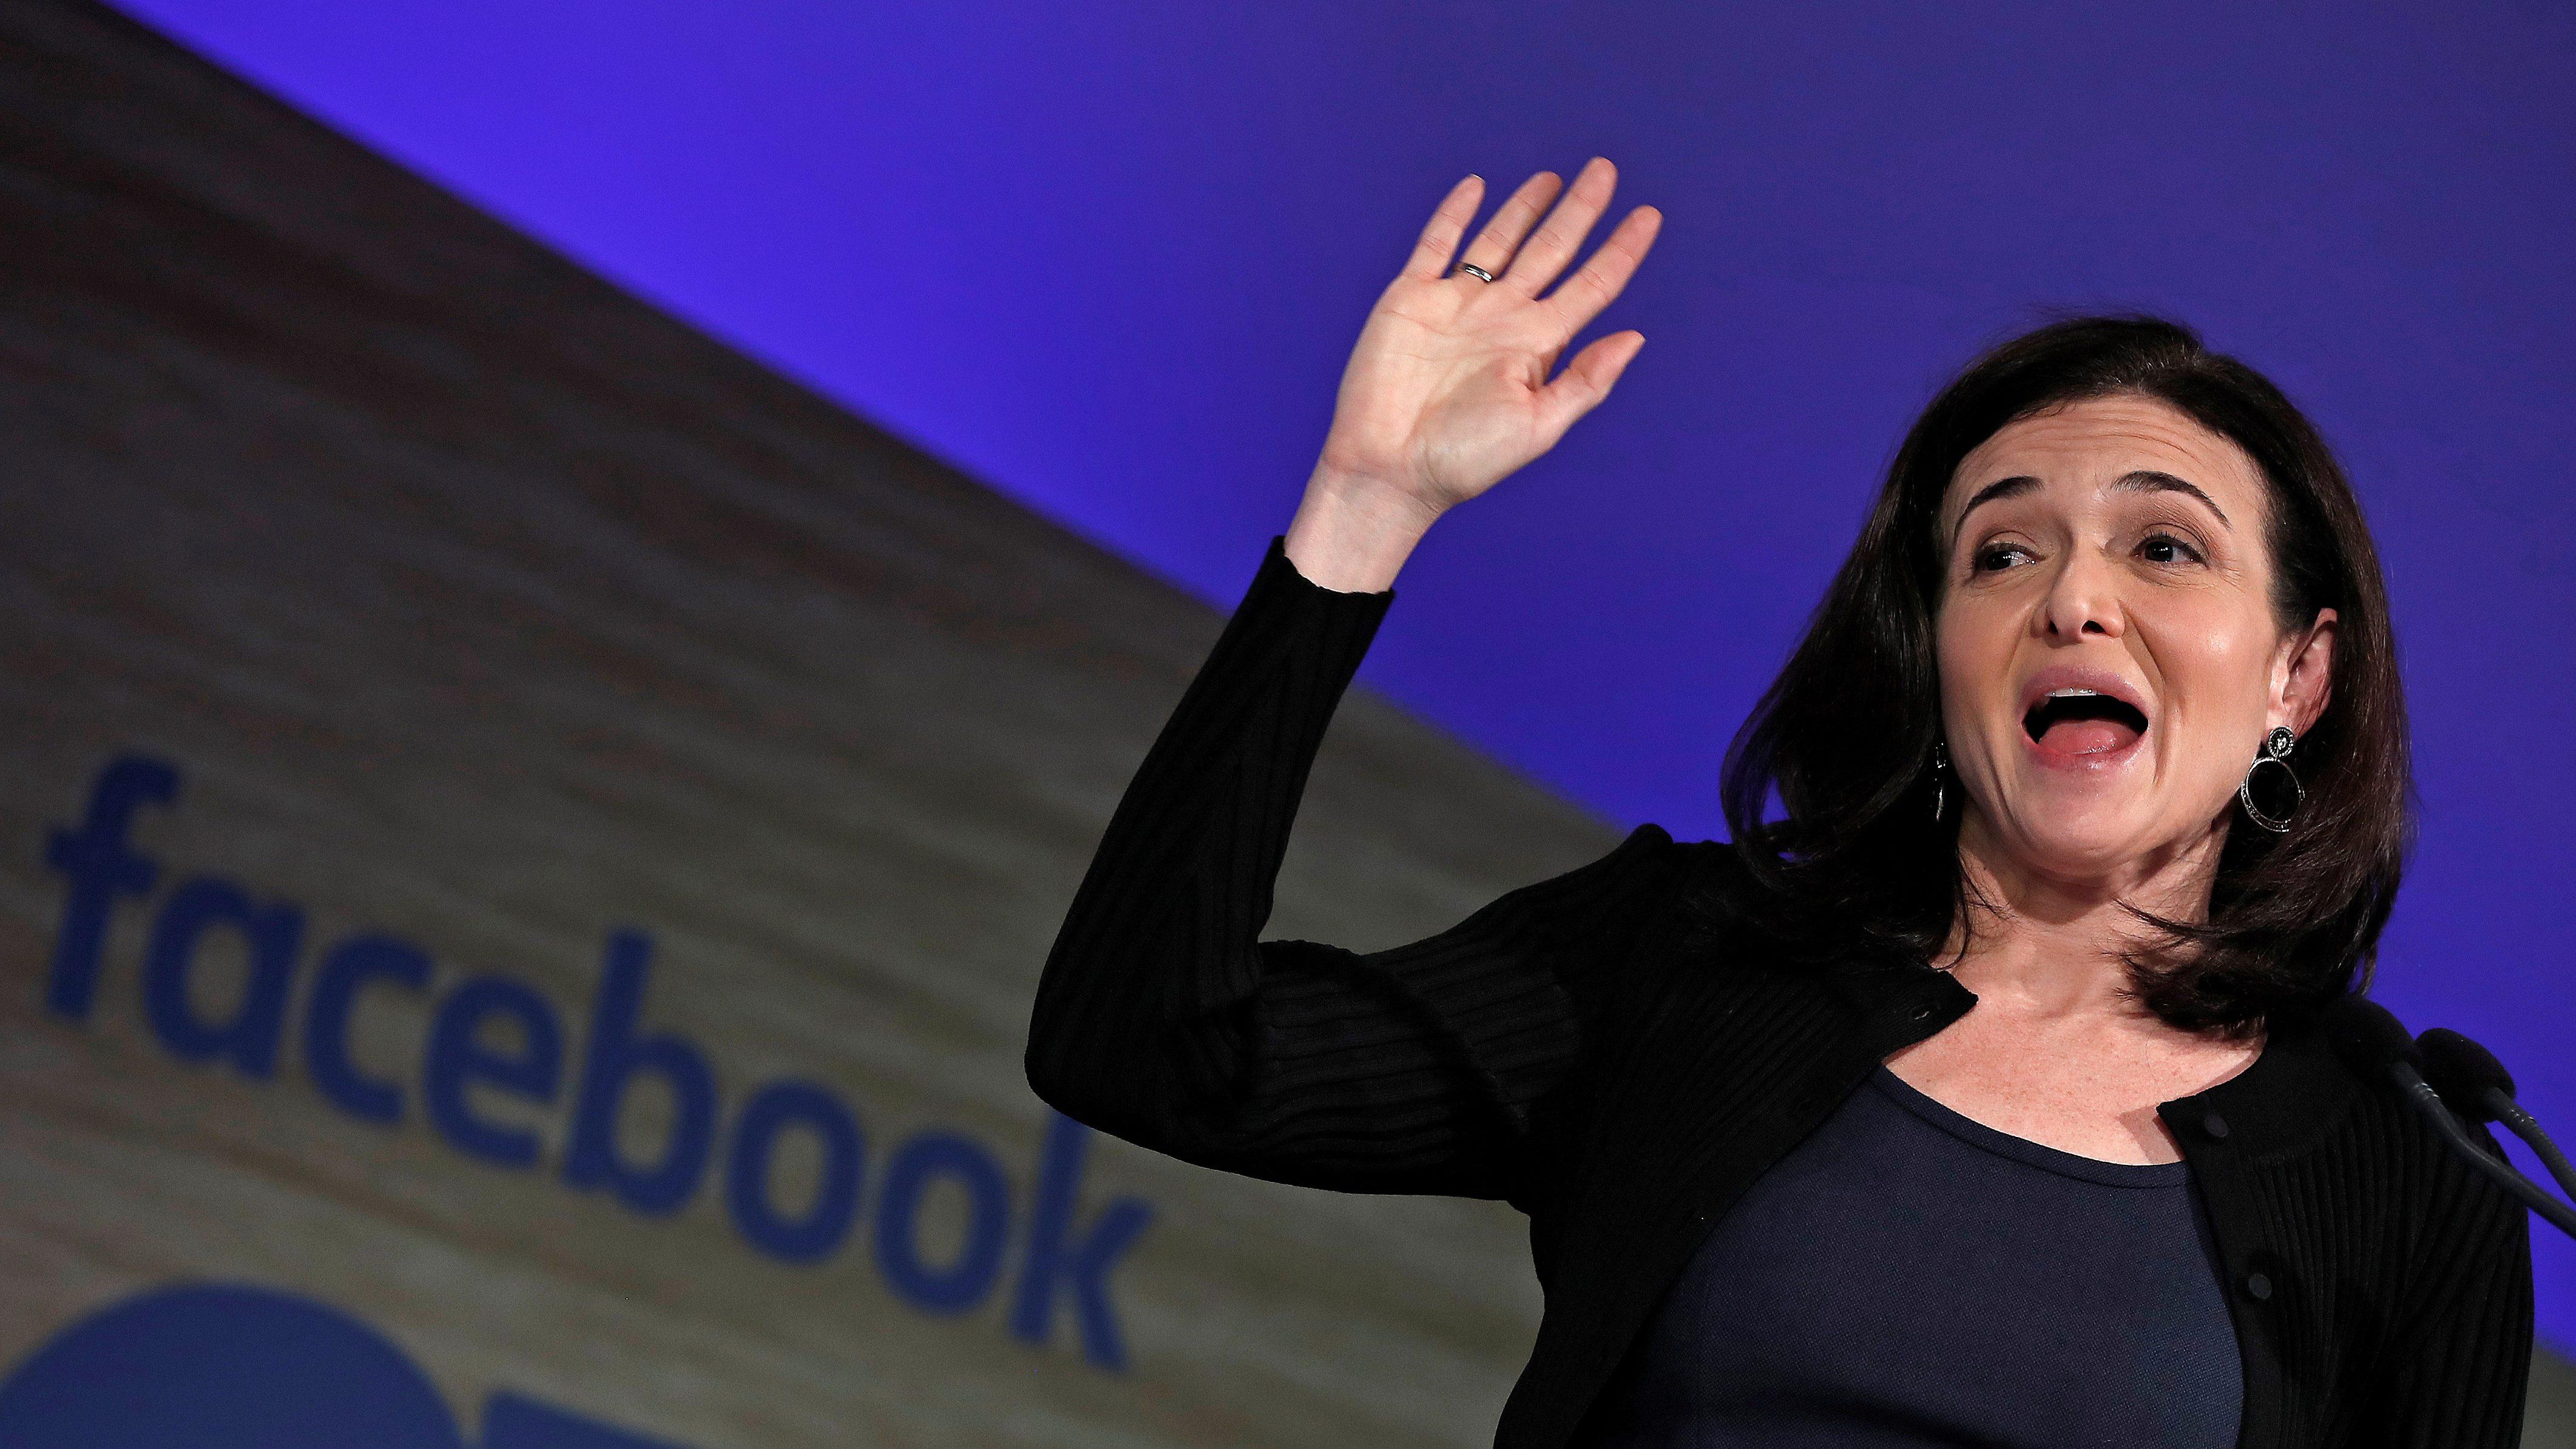 Facebook's COO Sandberg addresses Facebook Gather conference in Brussels